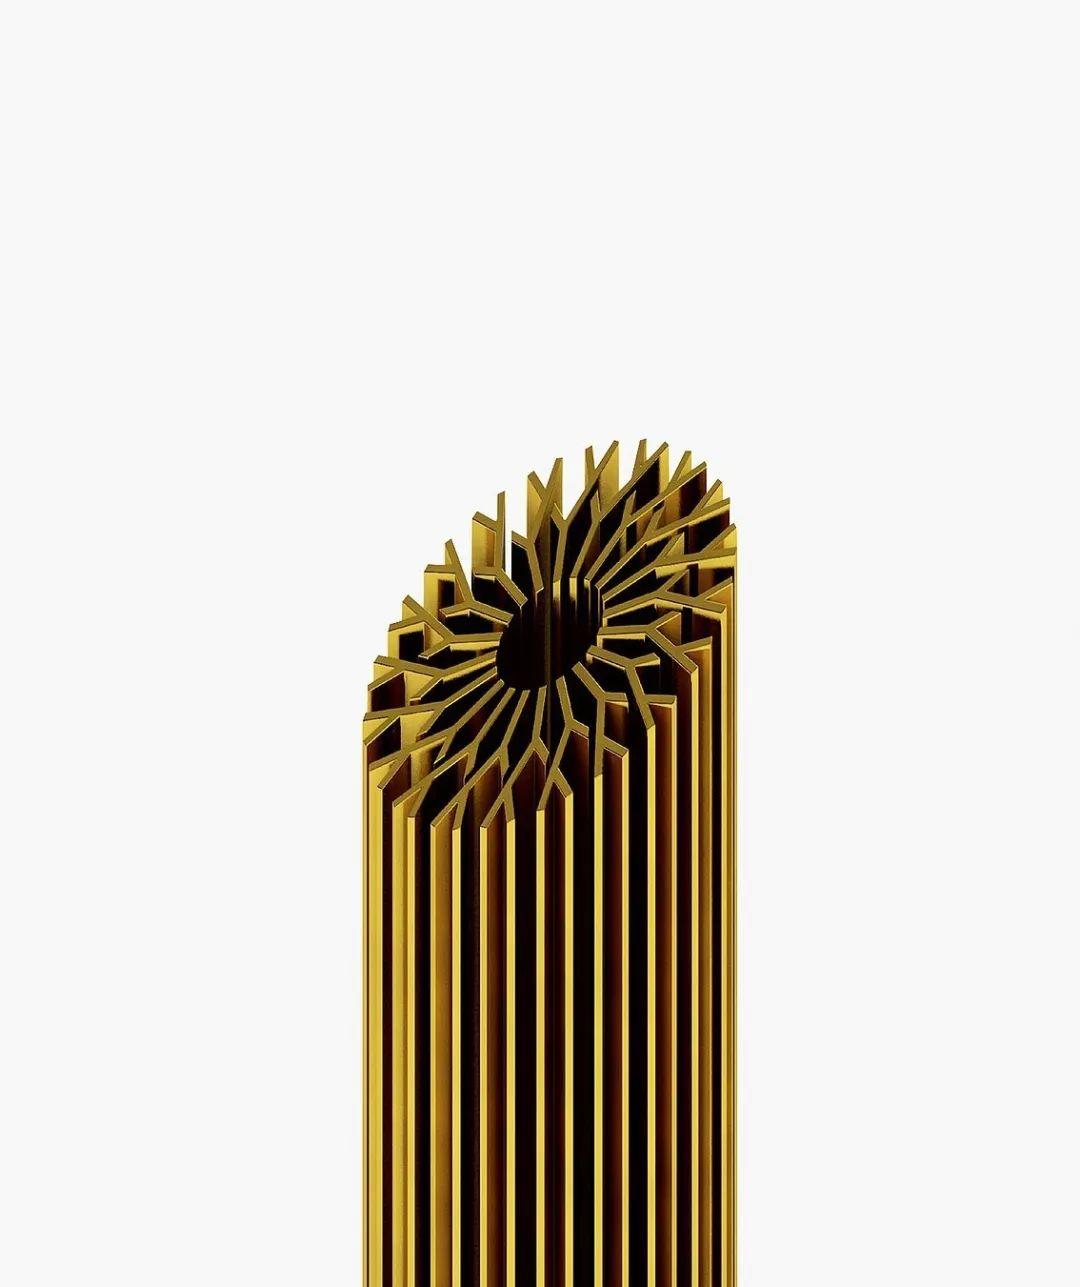 2019德国红点设计大奖之品牌设计类